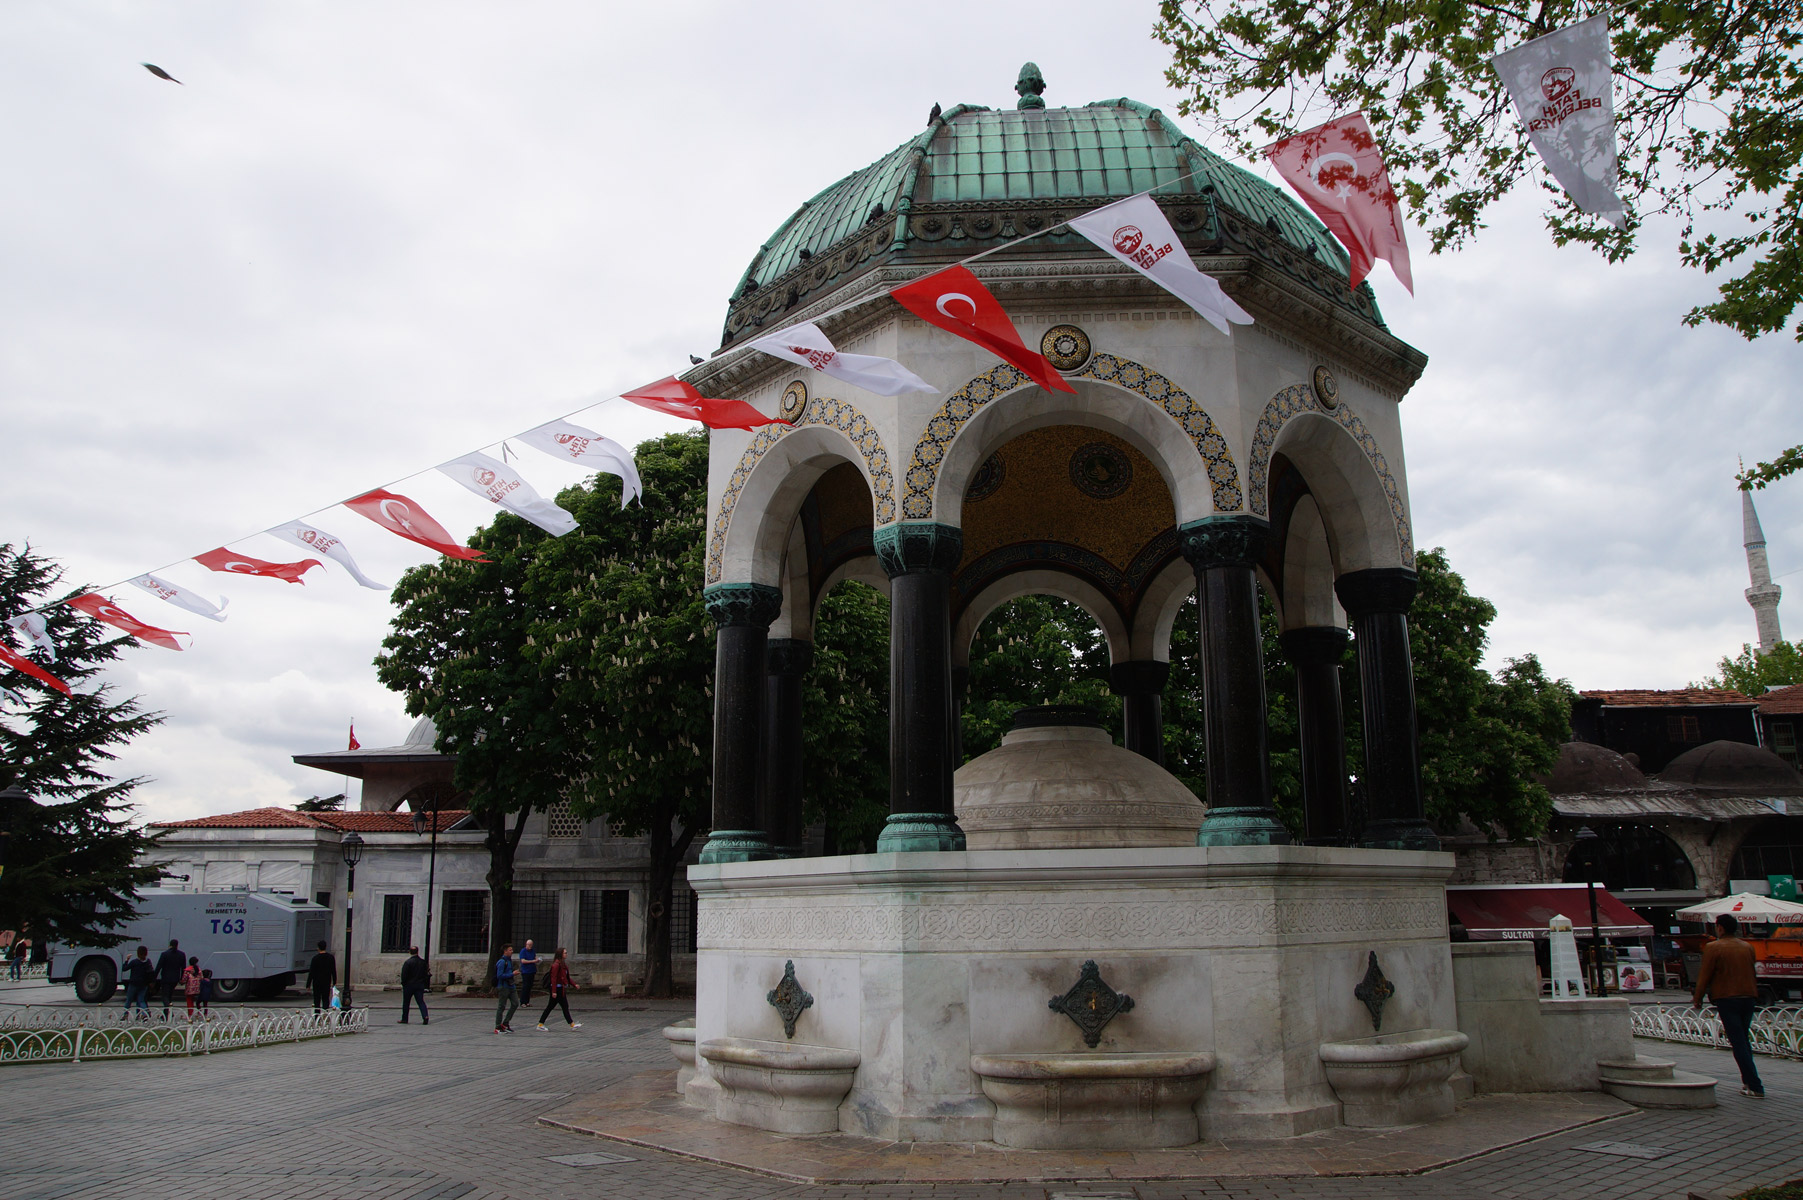 Немецкий фонтан на площади Султанахмет.  Стамбул, Турция, весна 2019